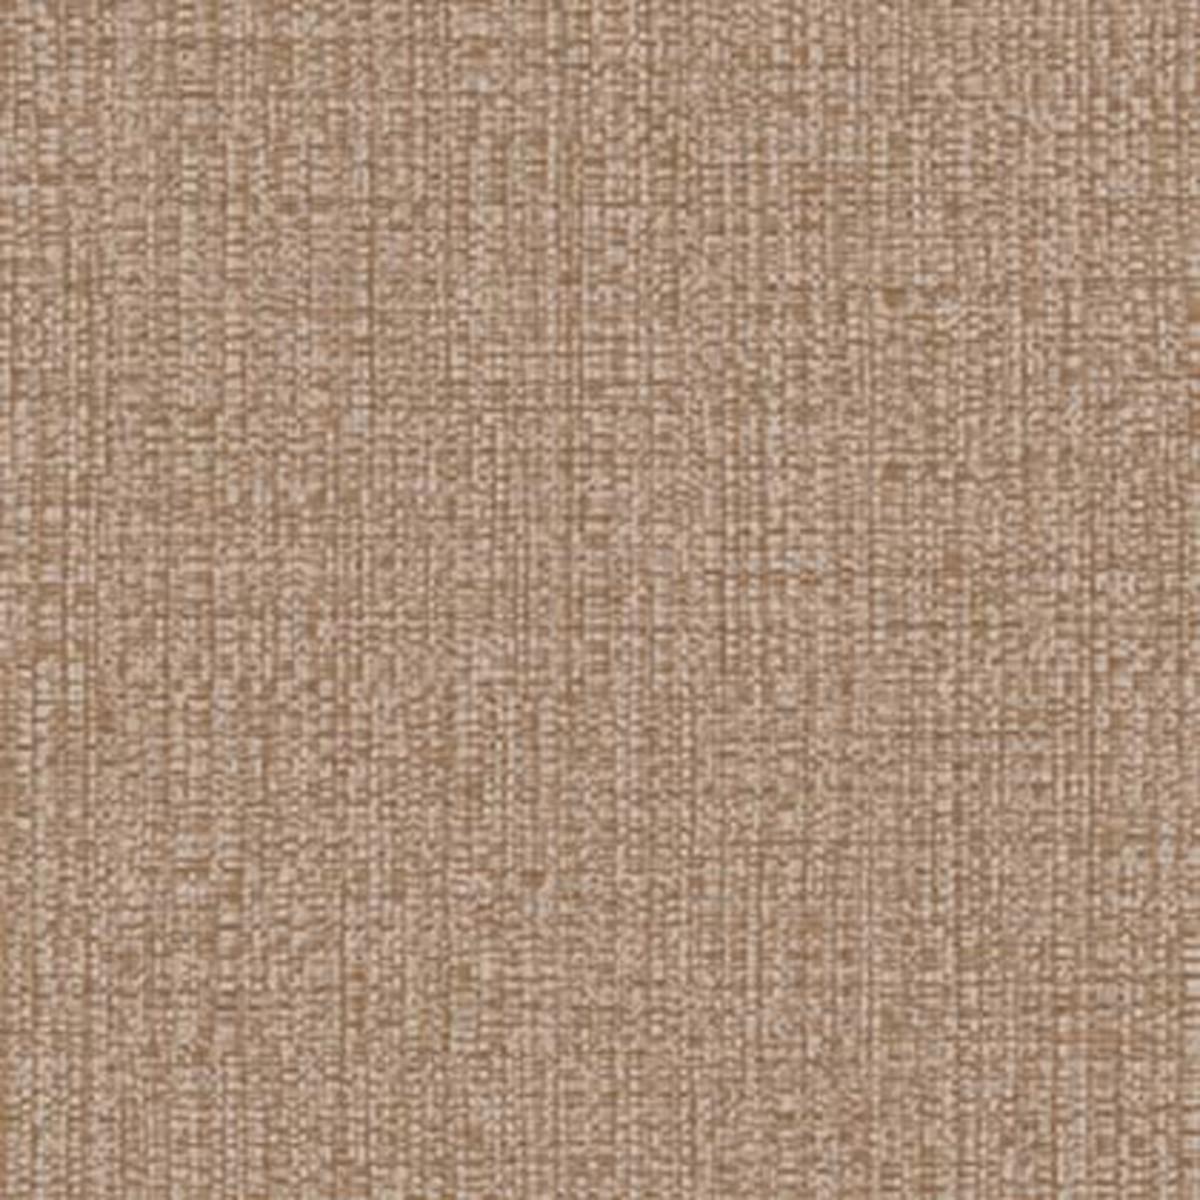 Обои виниловые Gaenari коричневые 1.06 м 97398-18